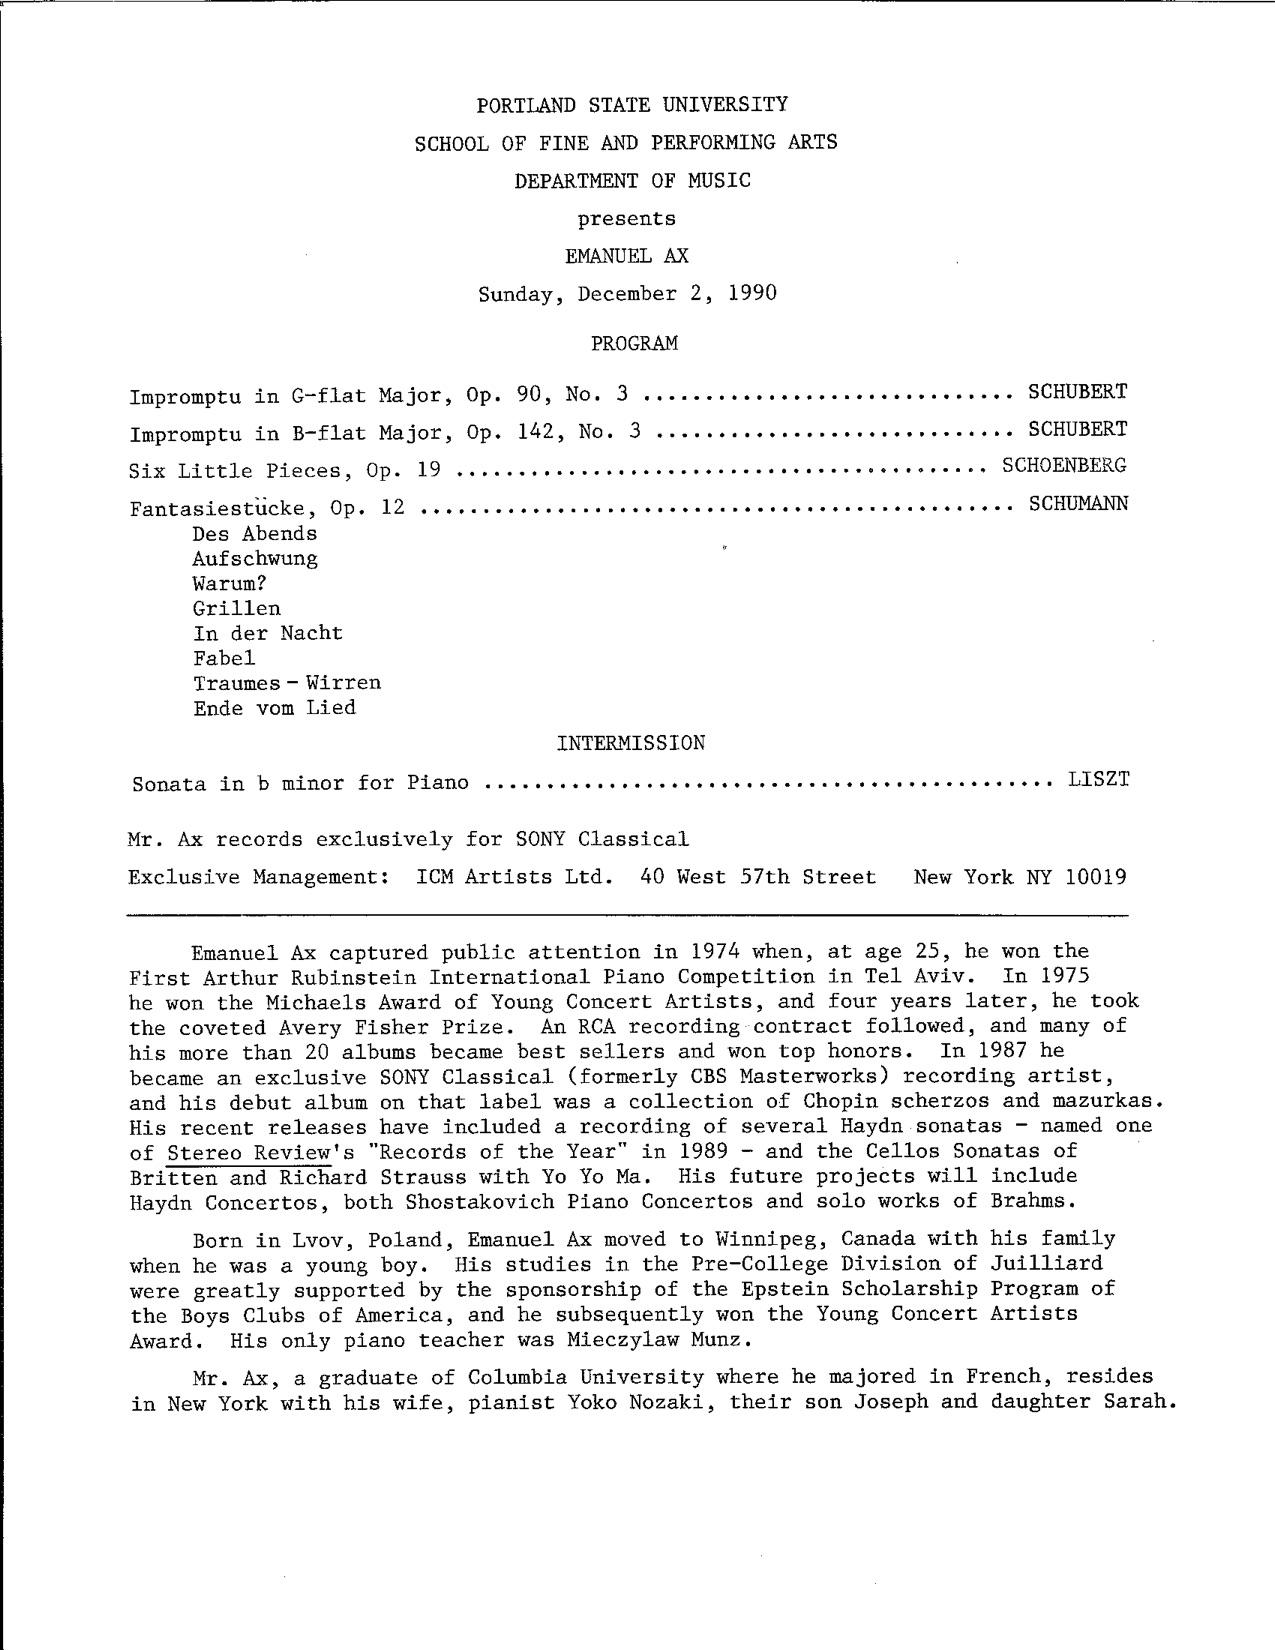 Ax90-91_Program2.jpg